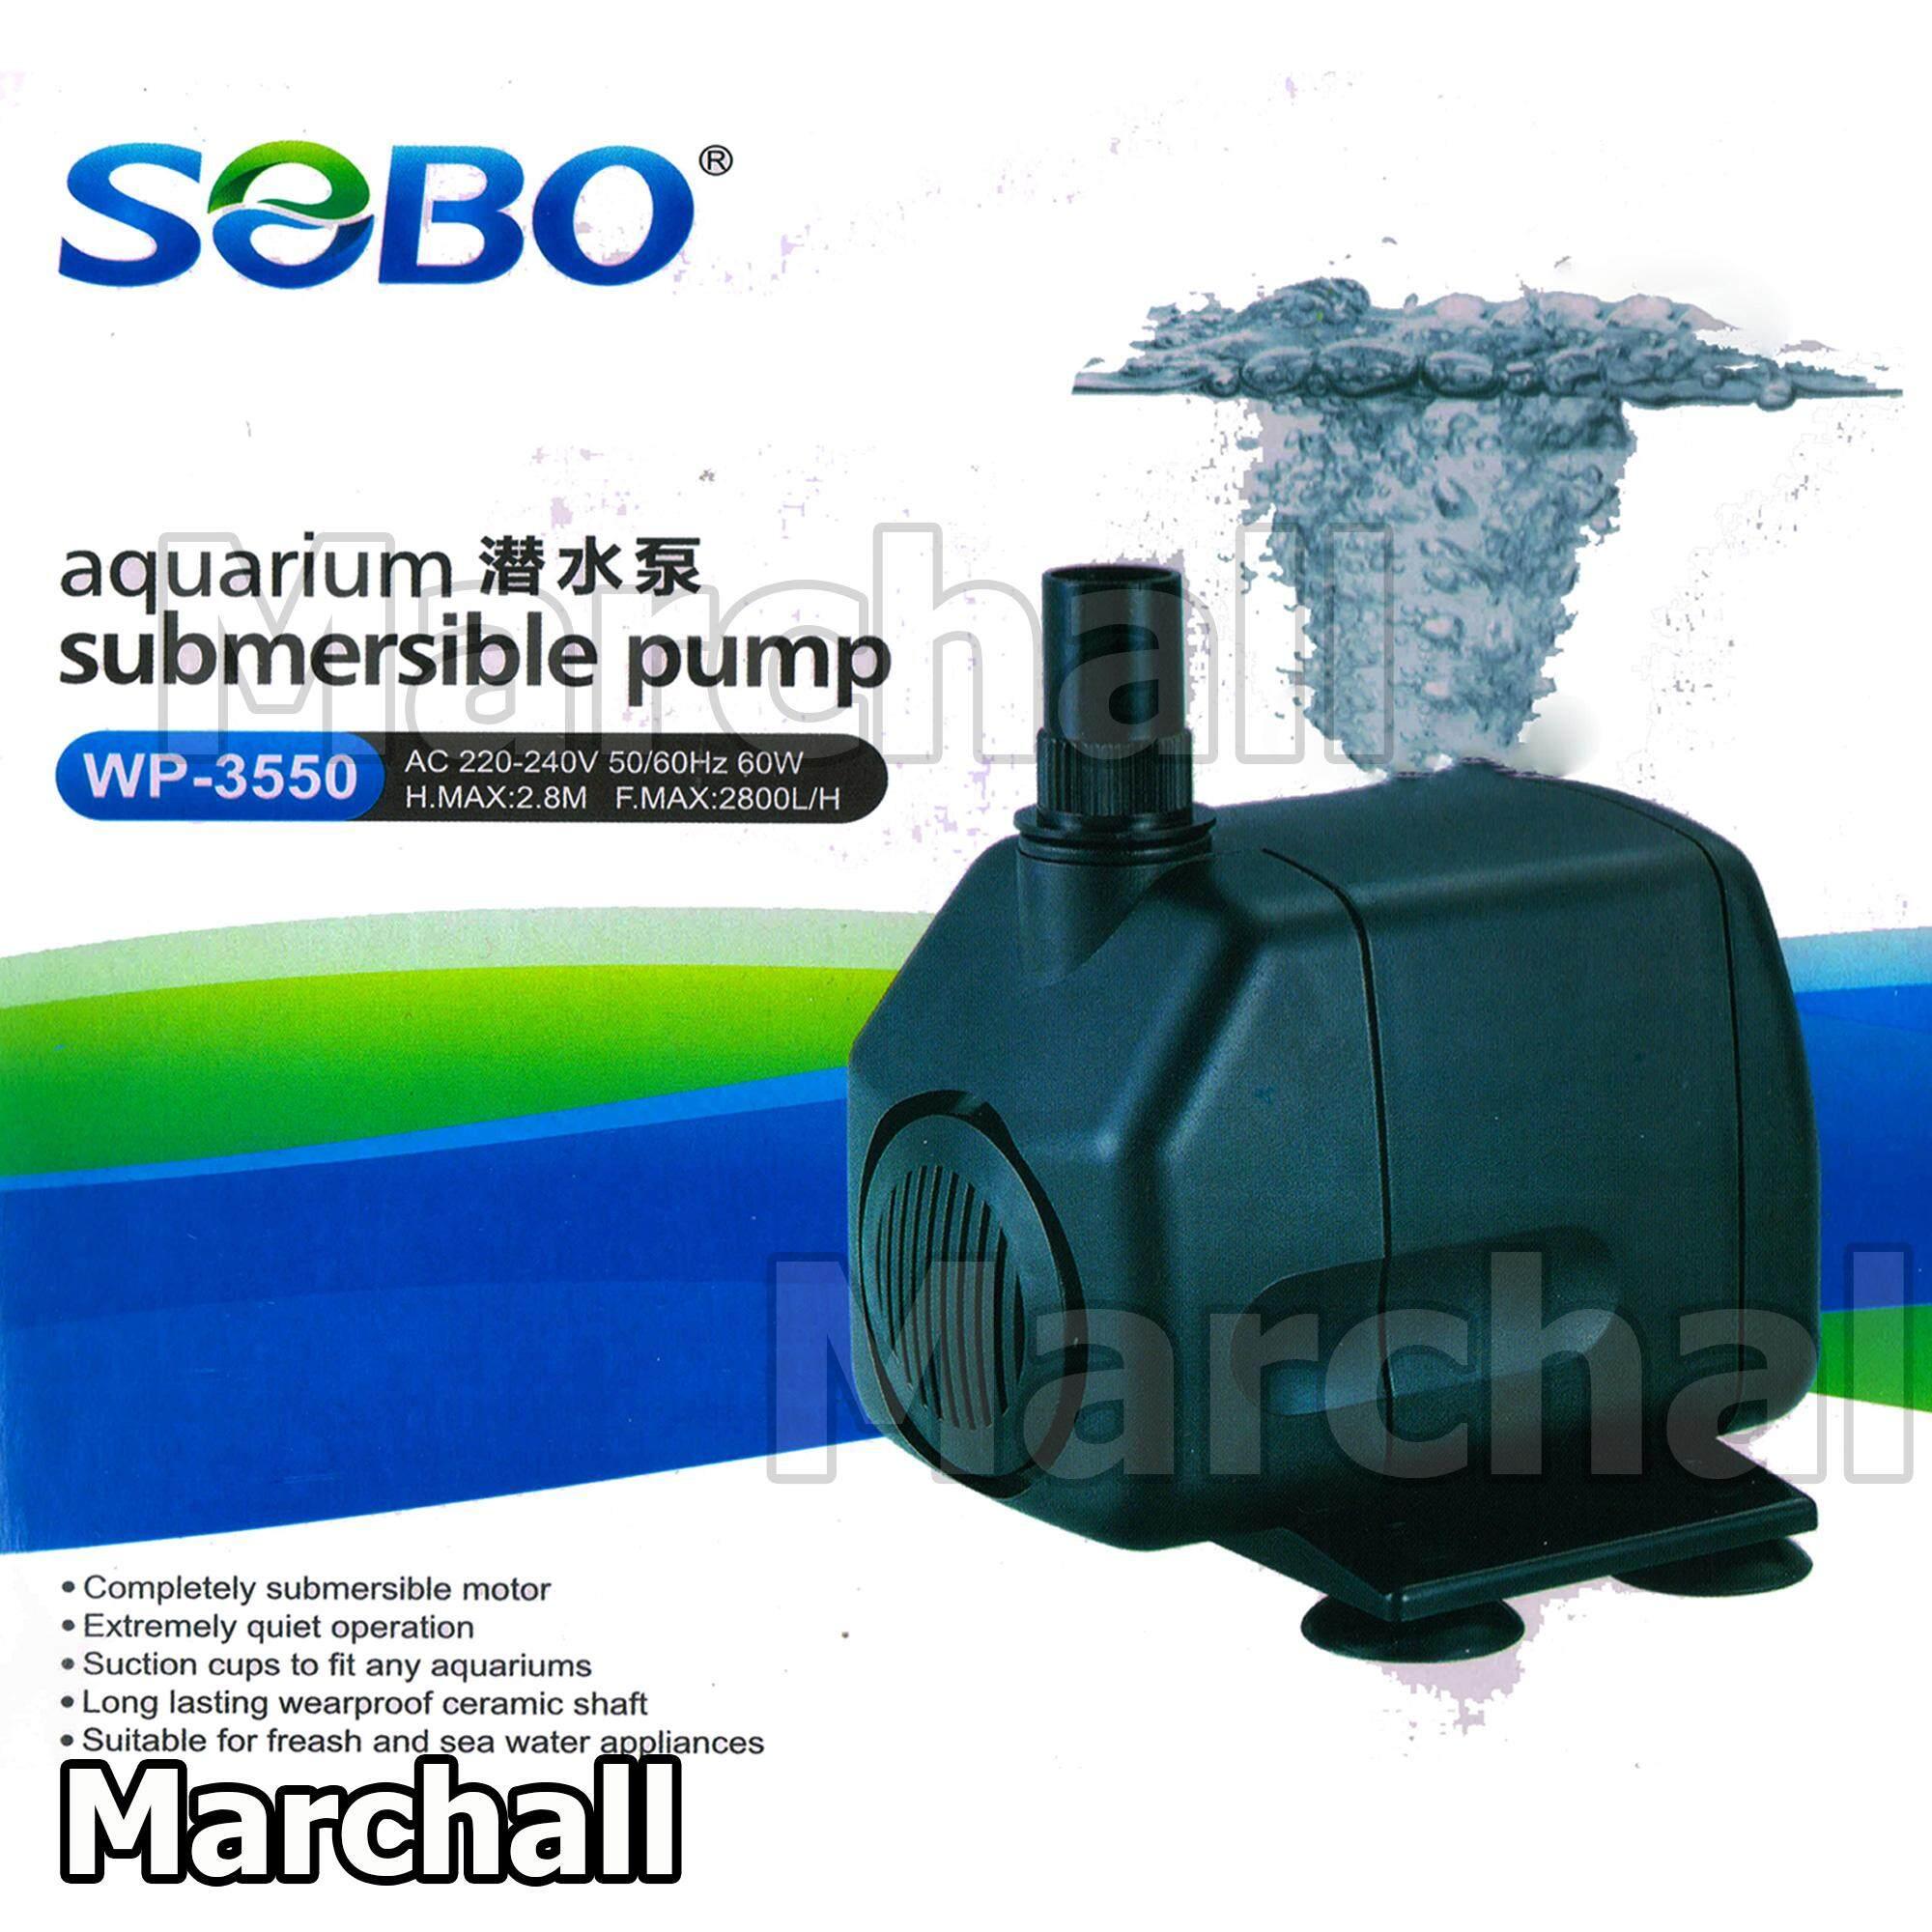 SOBO ปั๊มน้ำ WP-3550 สำหรับ บ่อปลา บ่อกุ้ง บ่อกรอง น้ำพุ ปั๊มแช่ ปั๊มน้ำพุ ปั้มน้ำได้ 2800 L/H ขนาด 60W แกนใบพัดเซรามิค น้ำแรง สม่ำเสมอ เสียงเงียบแข็ง แรงทนทาน ทำออกซิเจน น้ำใส แต่งสวน ตู้ปลา ไม้น้ำ ตู้ปลาทะเล น้ำจืด ทำน้ำตก ดูดน้ำได้